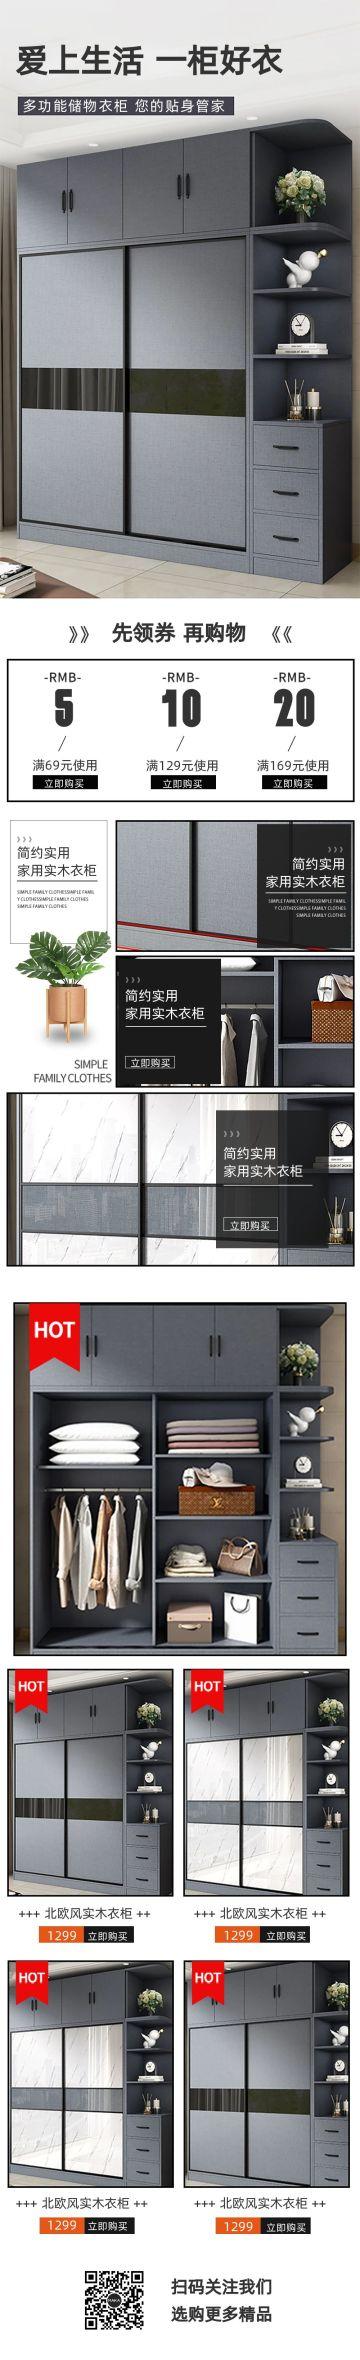 灰色简约大气风格家装节衣柜促销宣传长图